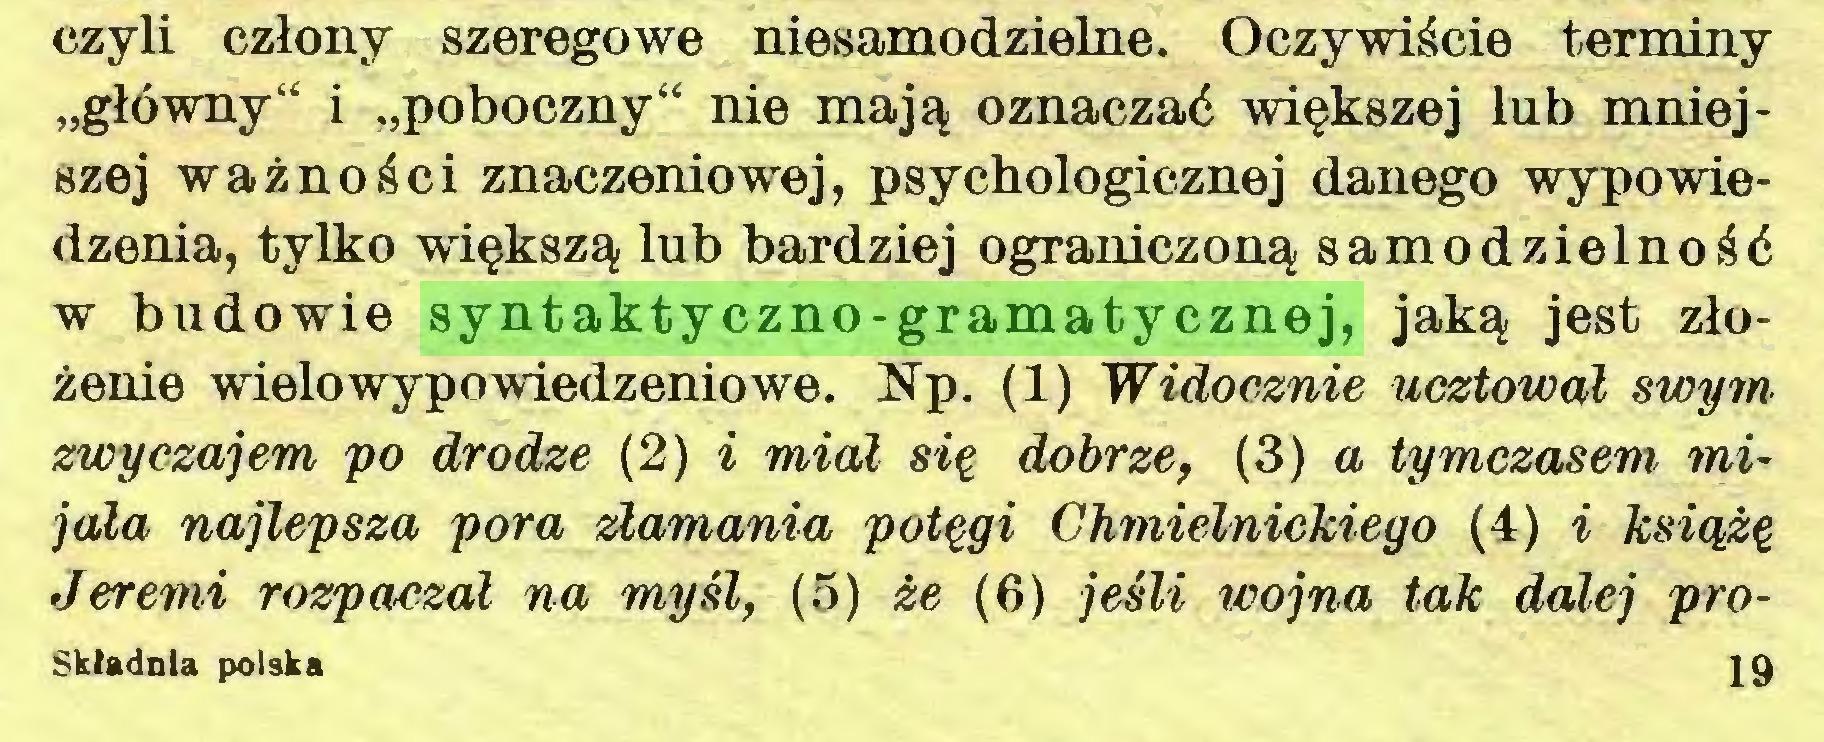 """(...) czyli człony szeregowe niesamodzielne. Oczywiście terminy """"główny"""" i """"poboczny"""" nie mają oznaczać większej lub mniejszej ważności znaczeniowej, psychologicznej danego wypowiedzenia, tylko większą lub bardziej ograniczoną samodzielność w budowie syntaktyczno-gramatycznej, jaką jest złożenie wielo wypowiedzeniowe. Np. (1) Widocznie ucztował swym zwyczajem po drodze (2) i miał się dobrze, (3) a tymczasem mijała najlepsza pora złamania potęgi Chmielnickiego (4) i książę Jeremi rozpaczał na myśl, (5) że (6) jeśli wojna tak dalej proSkładnla polska 19..."""